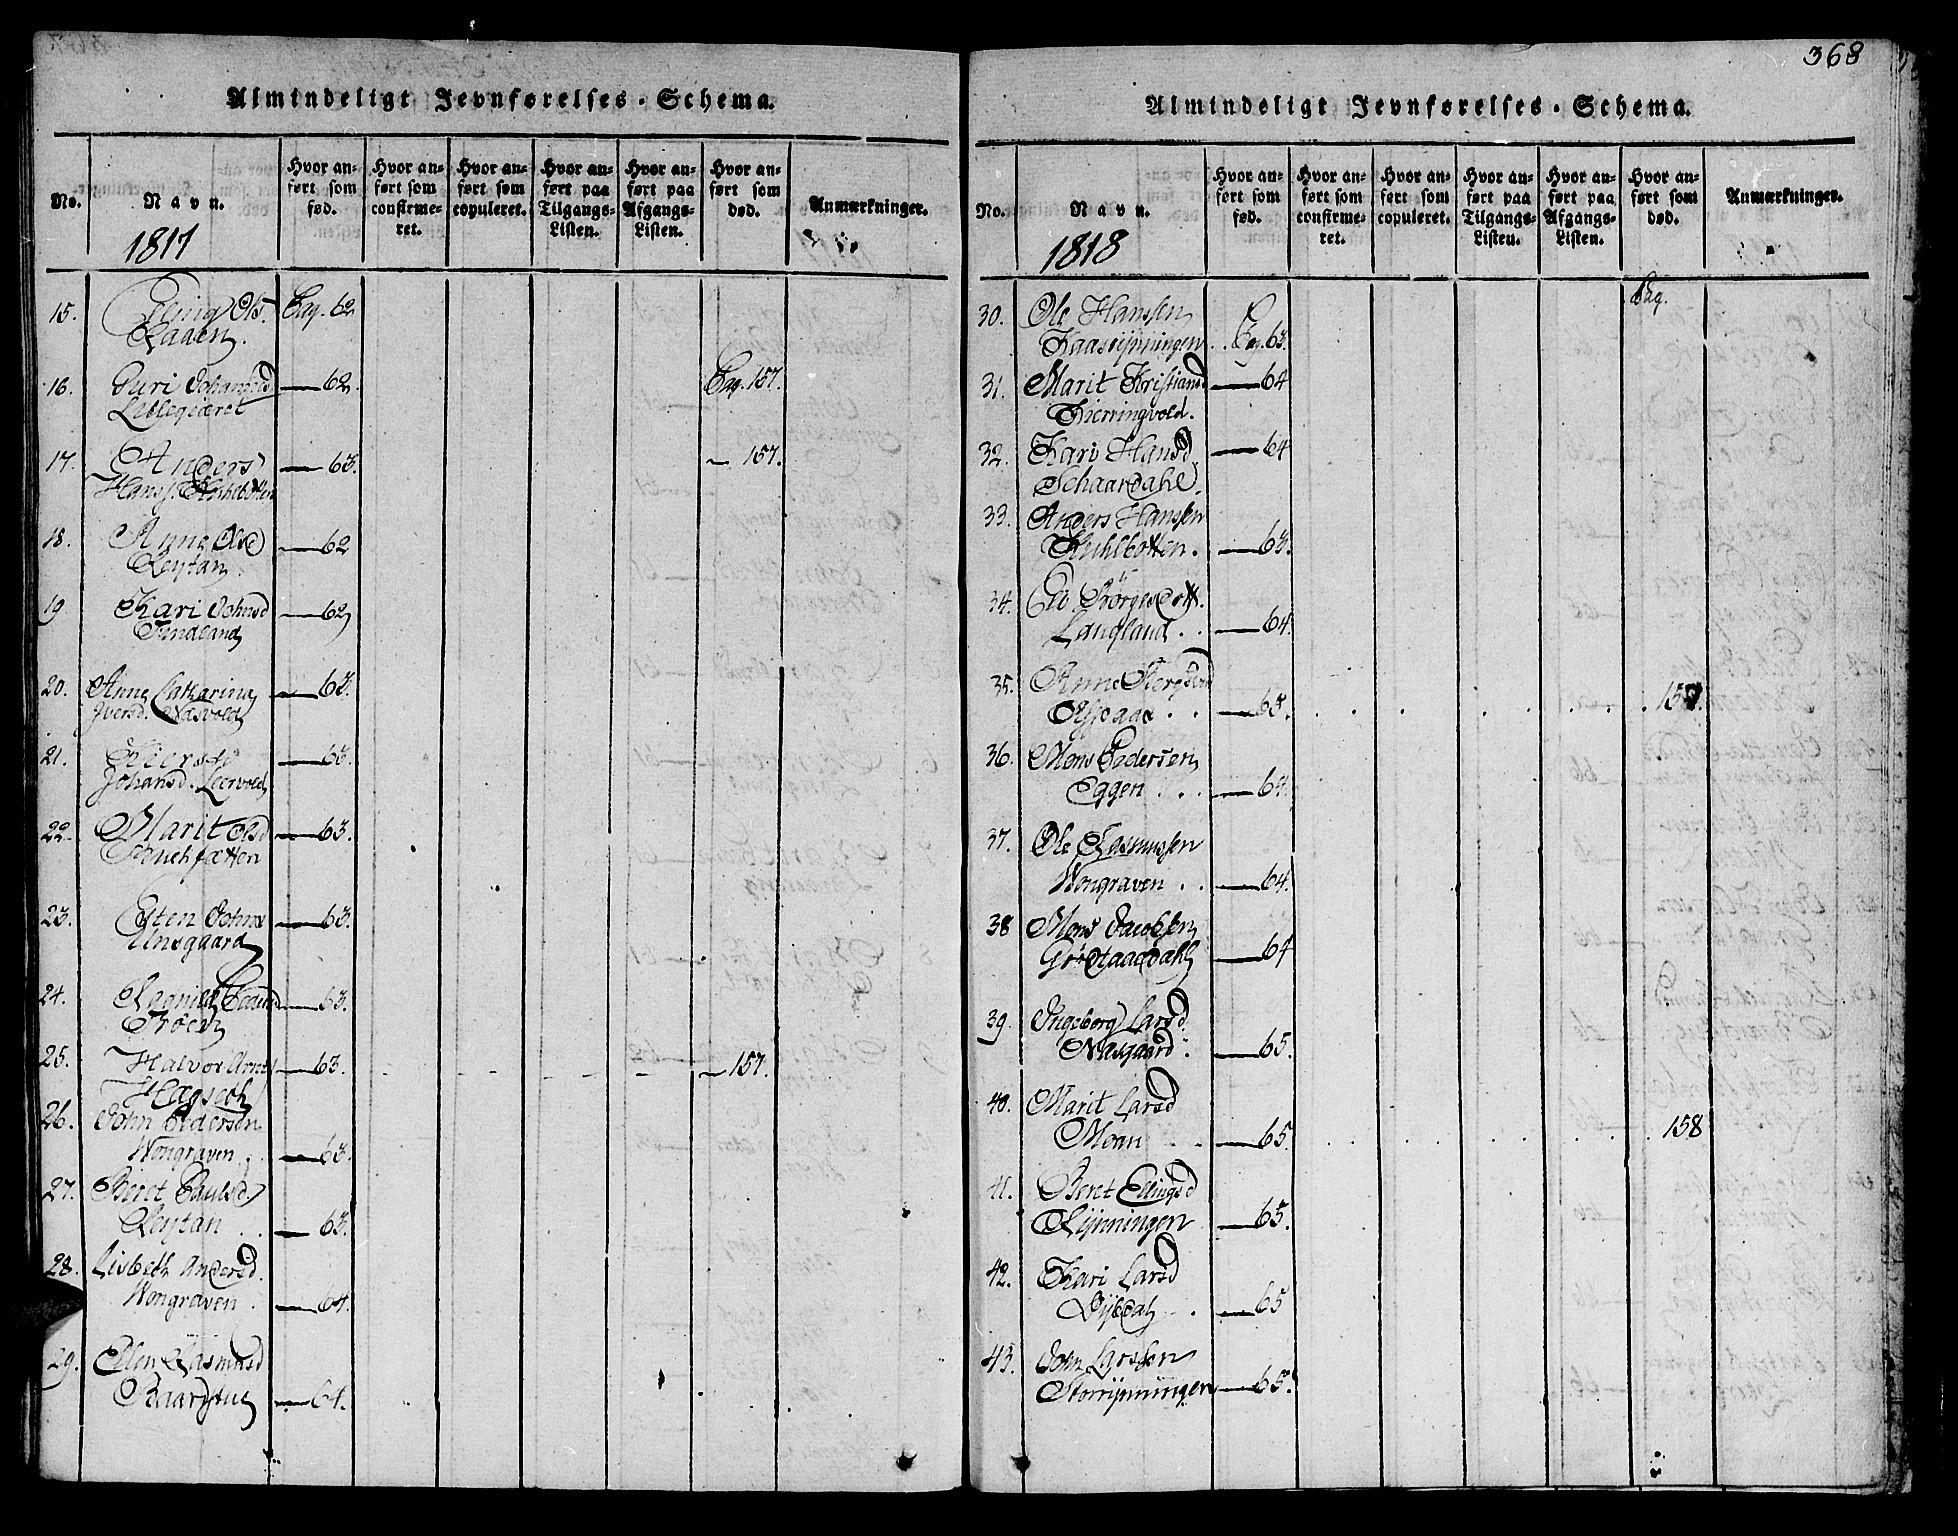 SAT, Ministerialprotokoller, klokkerbøker og fødselsregistre - Sør-Trøndelag, 685/L0956: Ministerialbok nr. 685A03 /3, 1817-1829, s. 368